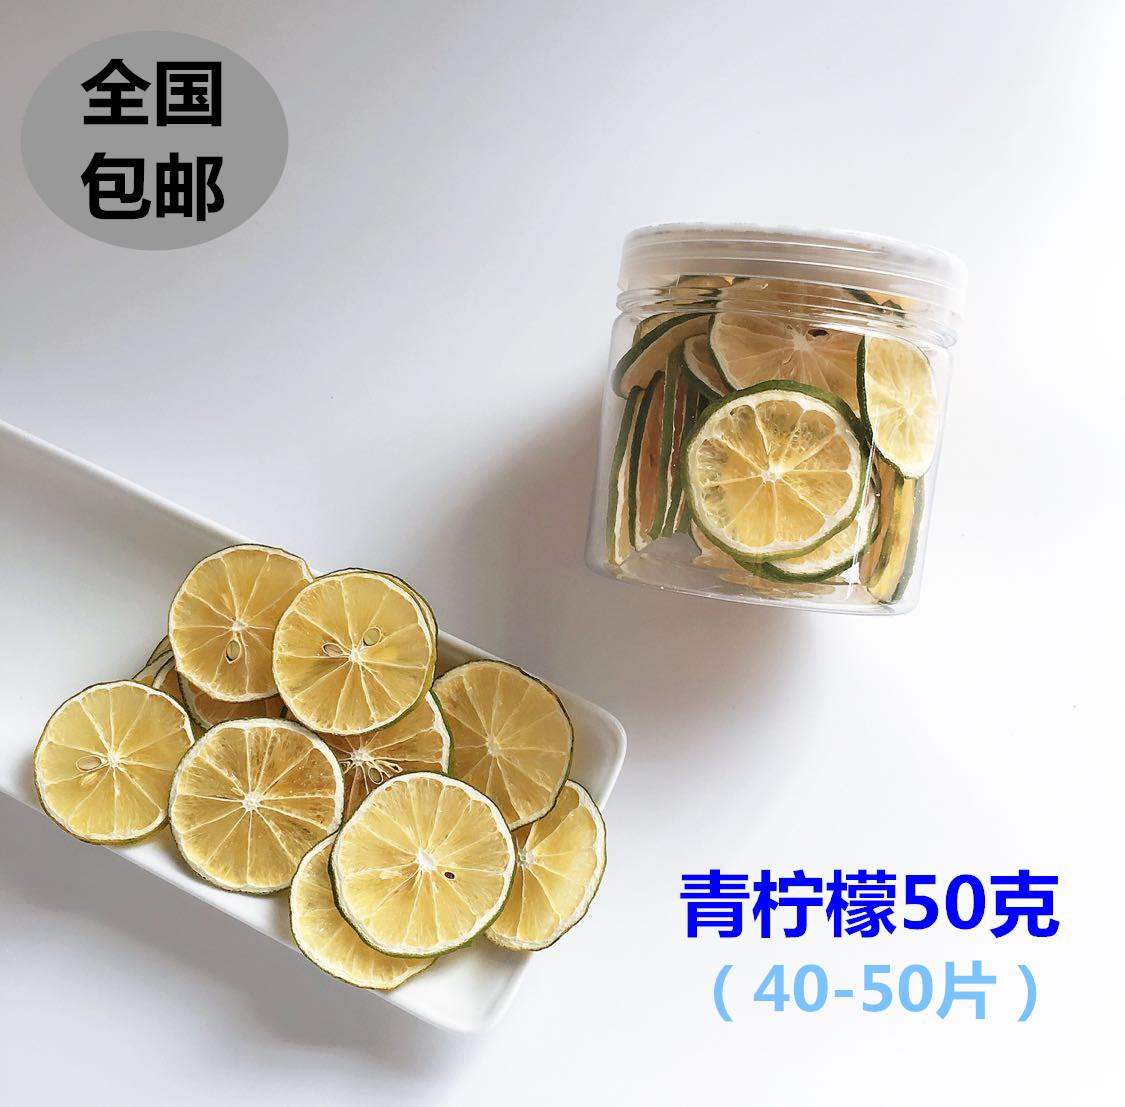 Сушеная известь, ломтик лимона, лимон, сушеные ломтики, нарезанные фрукты, фрукты, чай, лимон без Сахарный лимонный крем